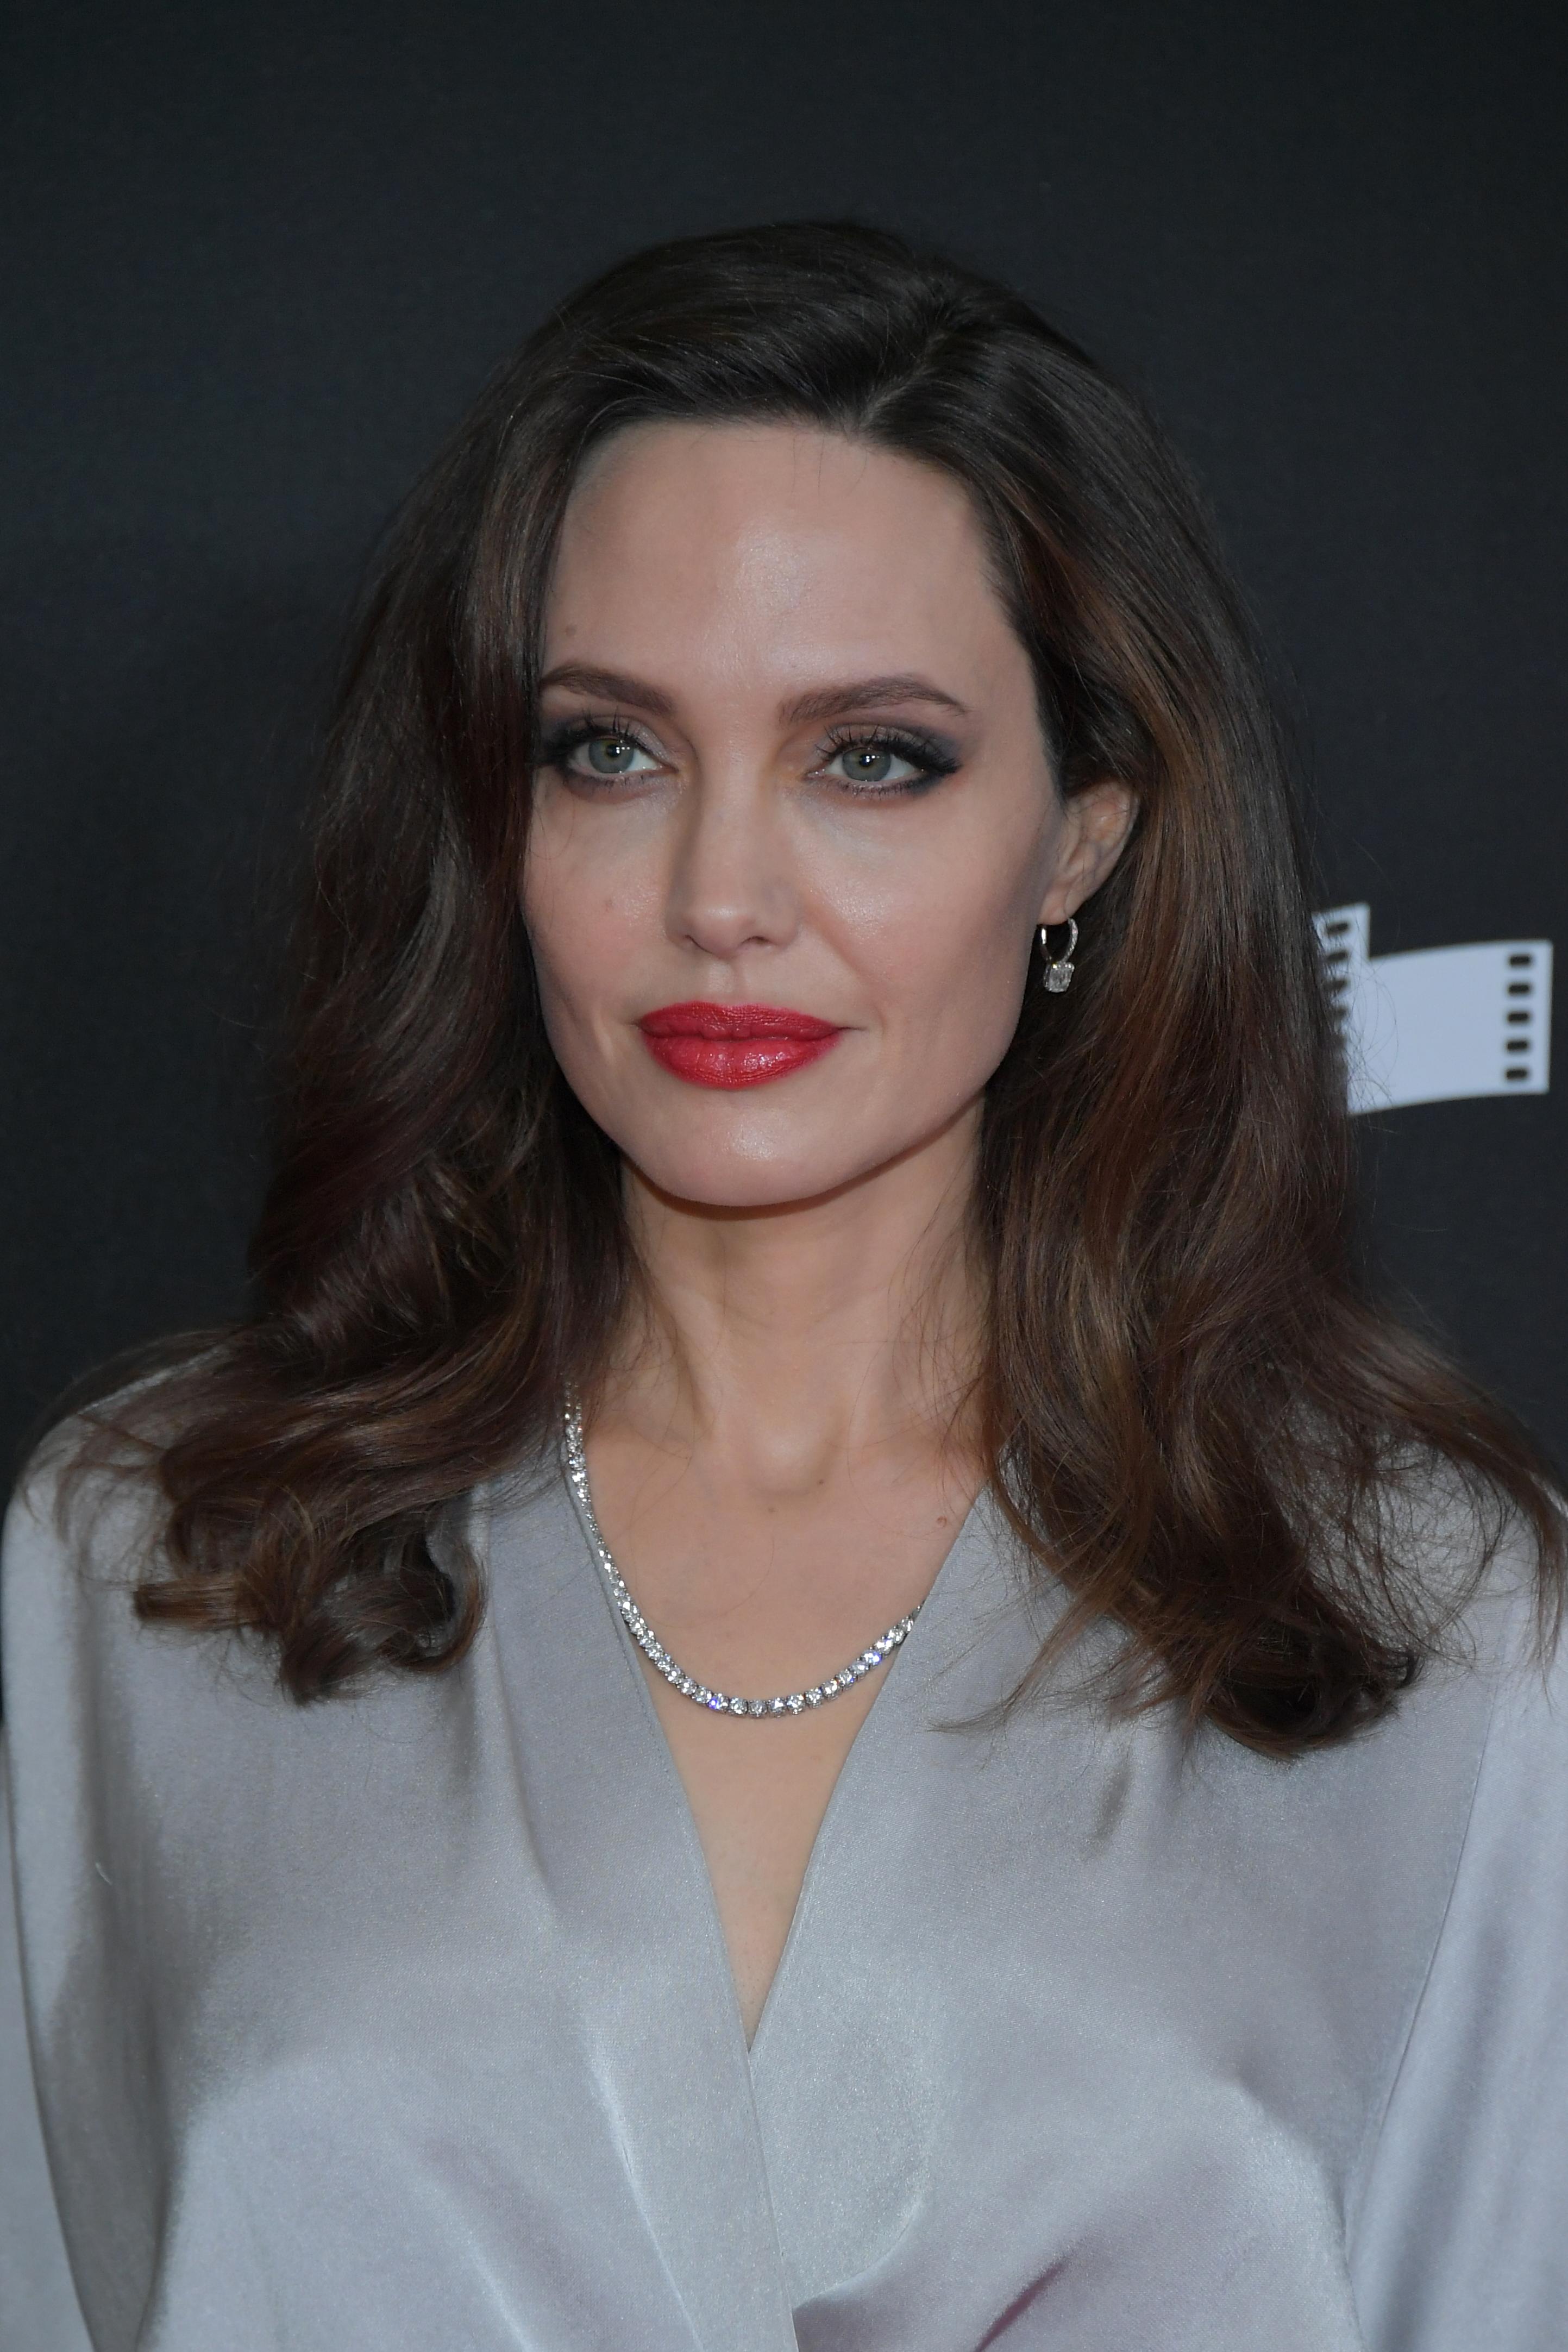 Анджелина Джоли се подлага на двойна мастектомия и отстранява репродуктивните си органи. След направени генетични изследвания става ясно, че вероятността тя да се разболее от рак на гърдата или матката е 87%. Майката на звездата умира от рак на гърдата.